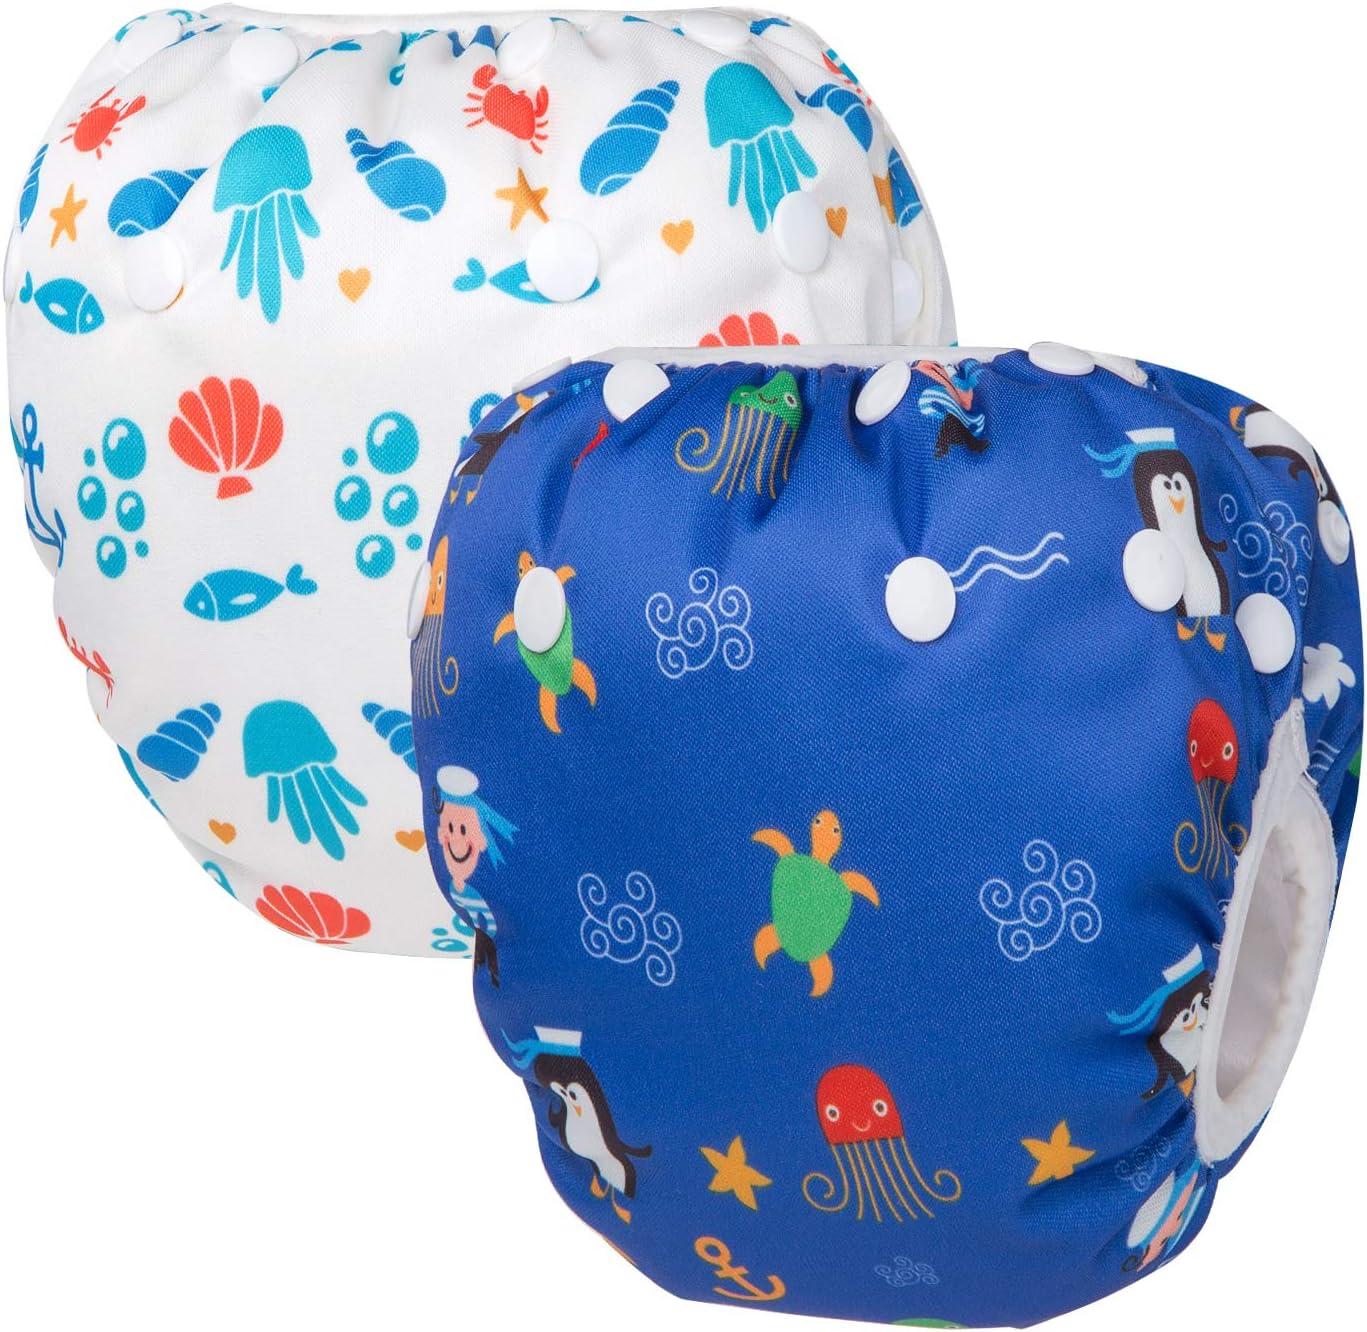 HBselect Pañal Bañador Bebe Reutilizable y Lavable,2 Pcs Pañales De Natación Dibujo Animado Botones Para Bebés Niños Niñas 0-2 Años